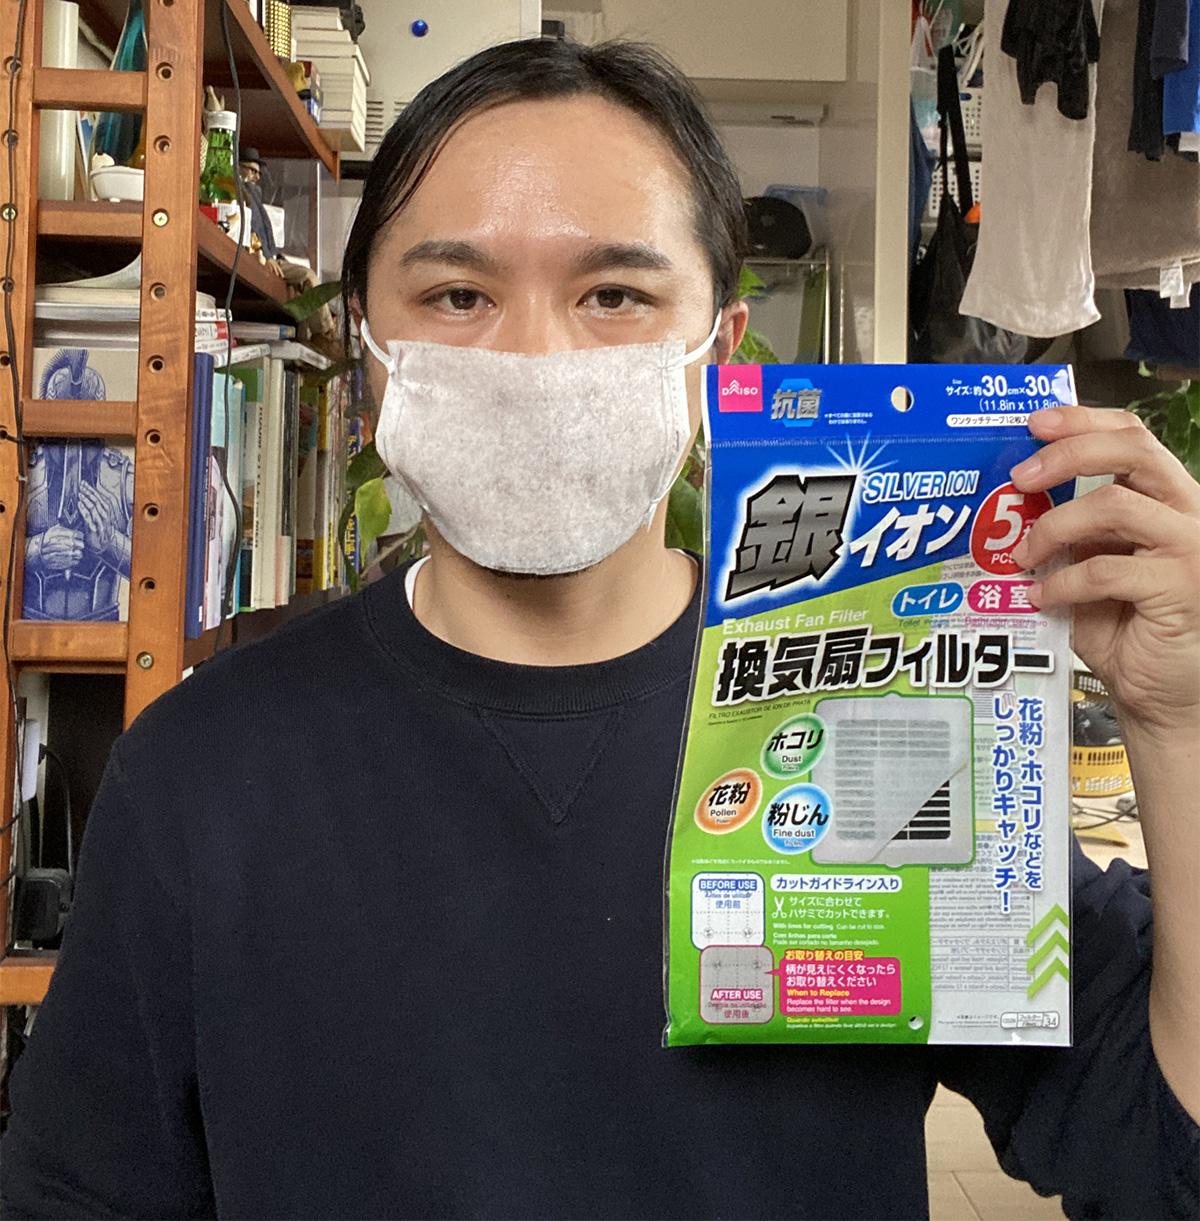 換気扇フィルター マスク 安全性